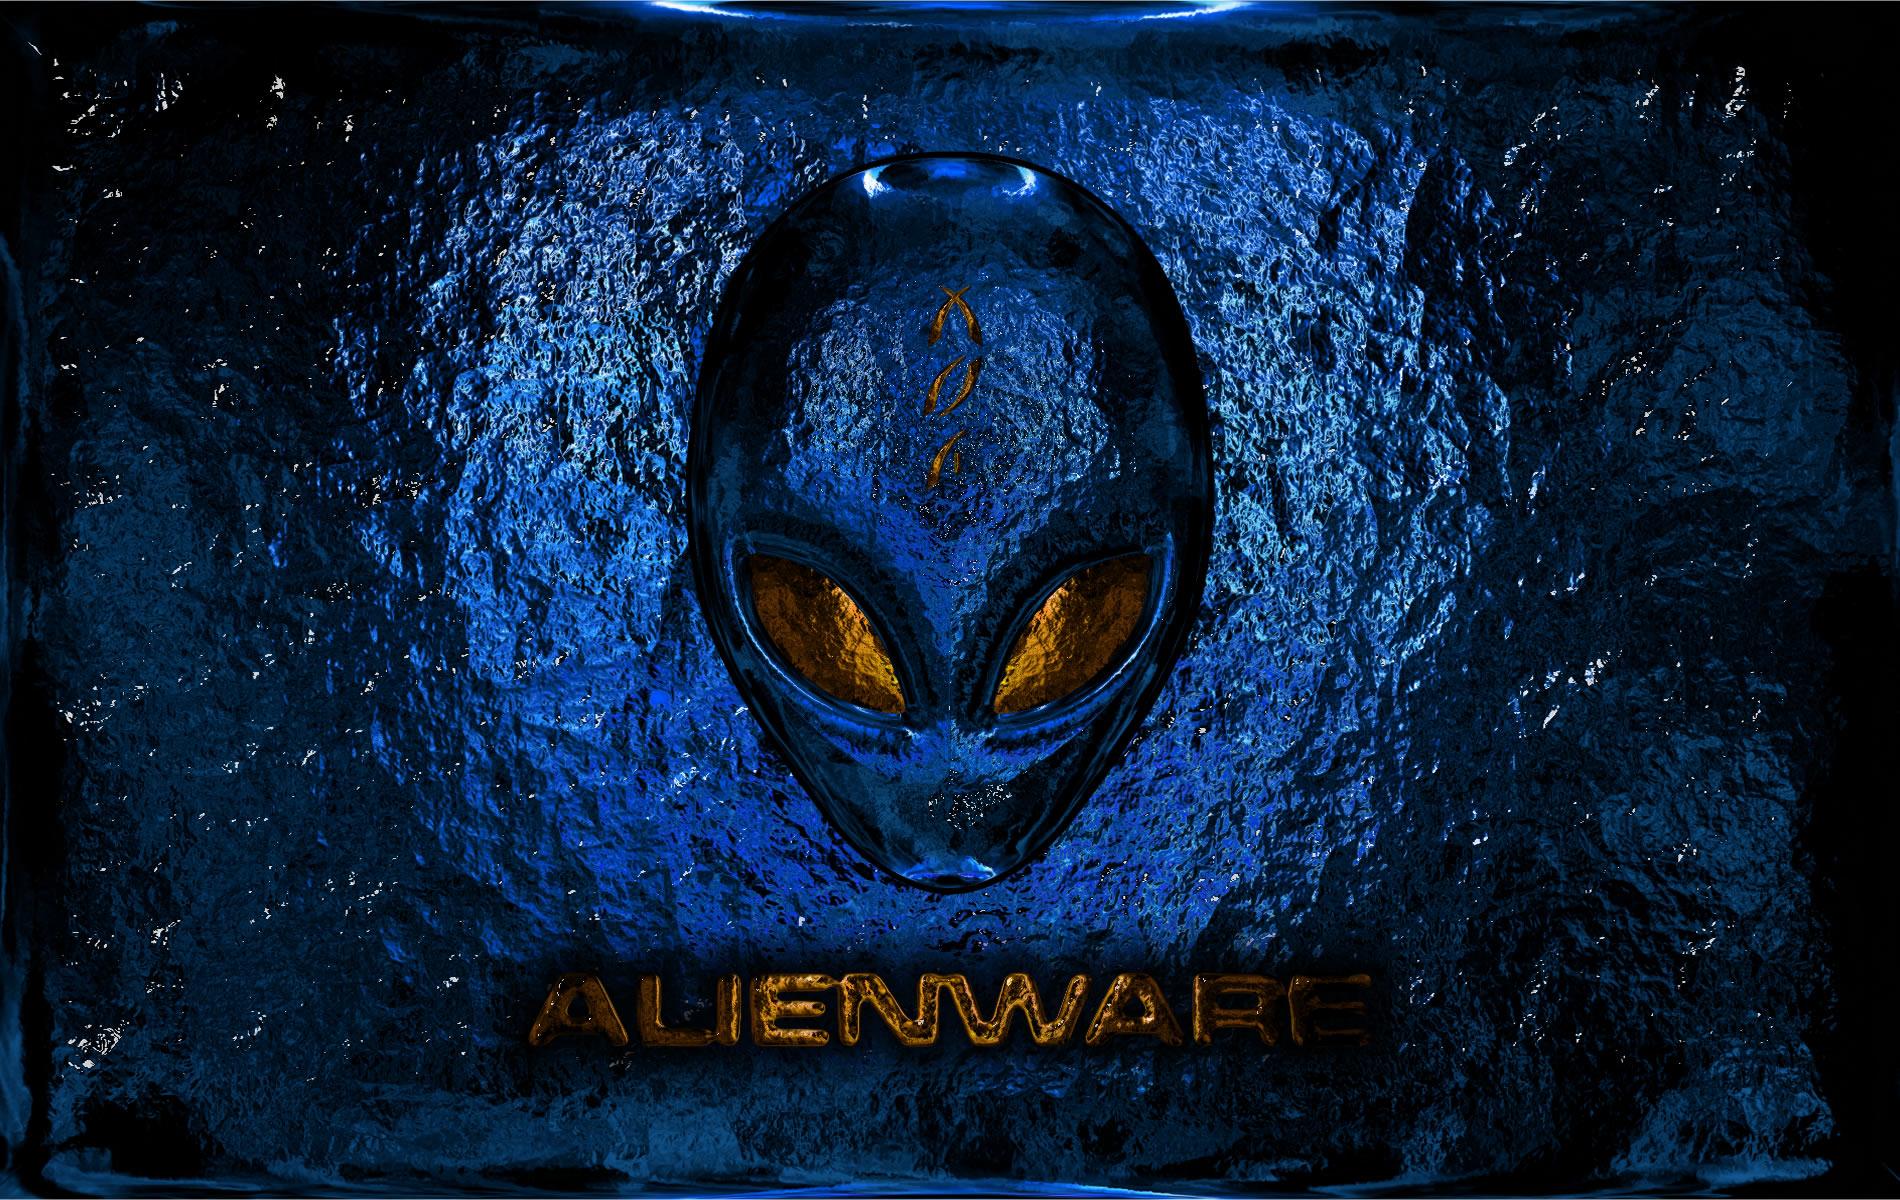 alienware galaxy space memories - photo #21